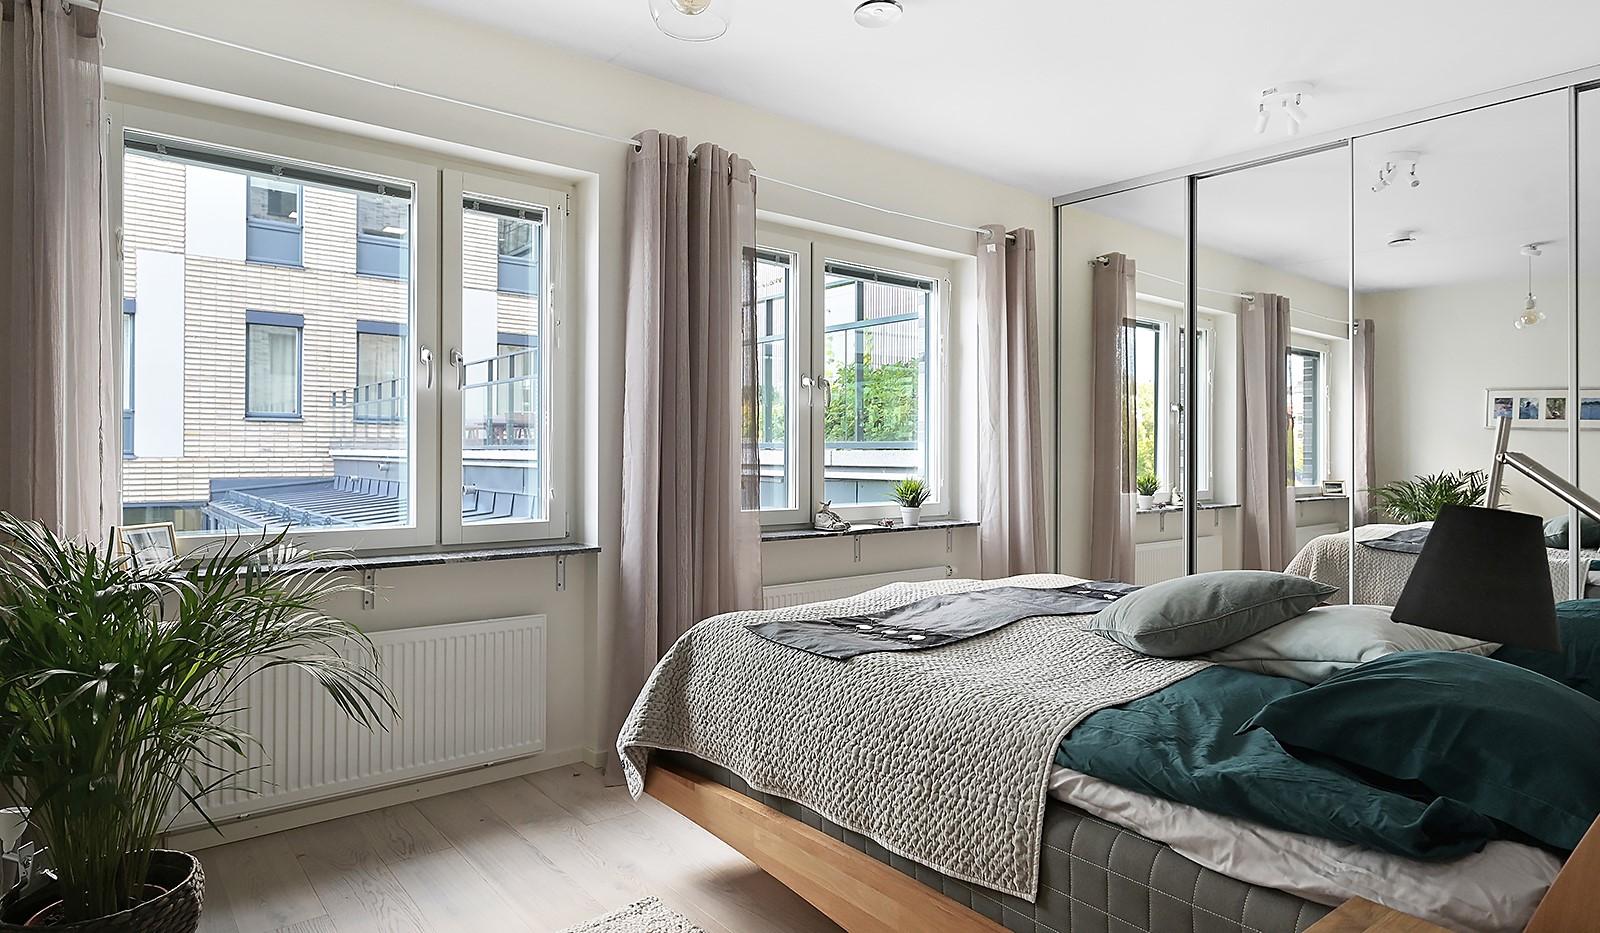 Fredriksdalsgatan 24, vån 2 - Rymligt sovrum med dubbla fönster och ordentlig skjutdörrsgarderob